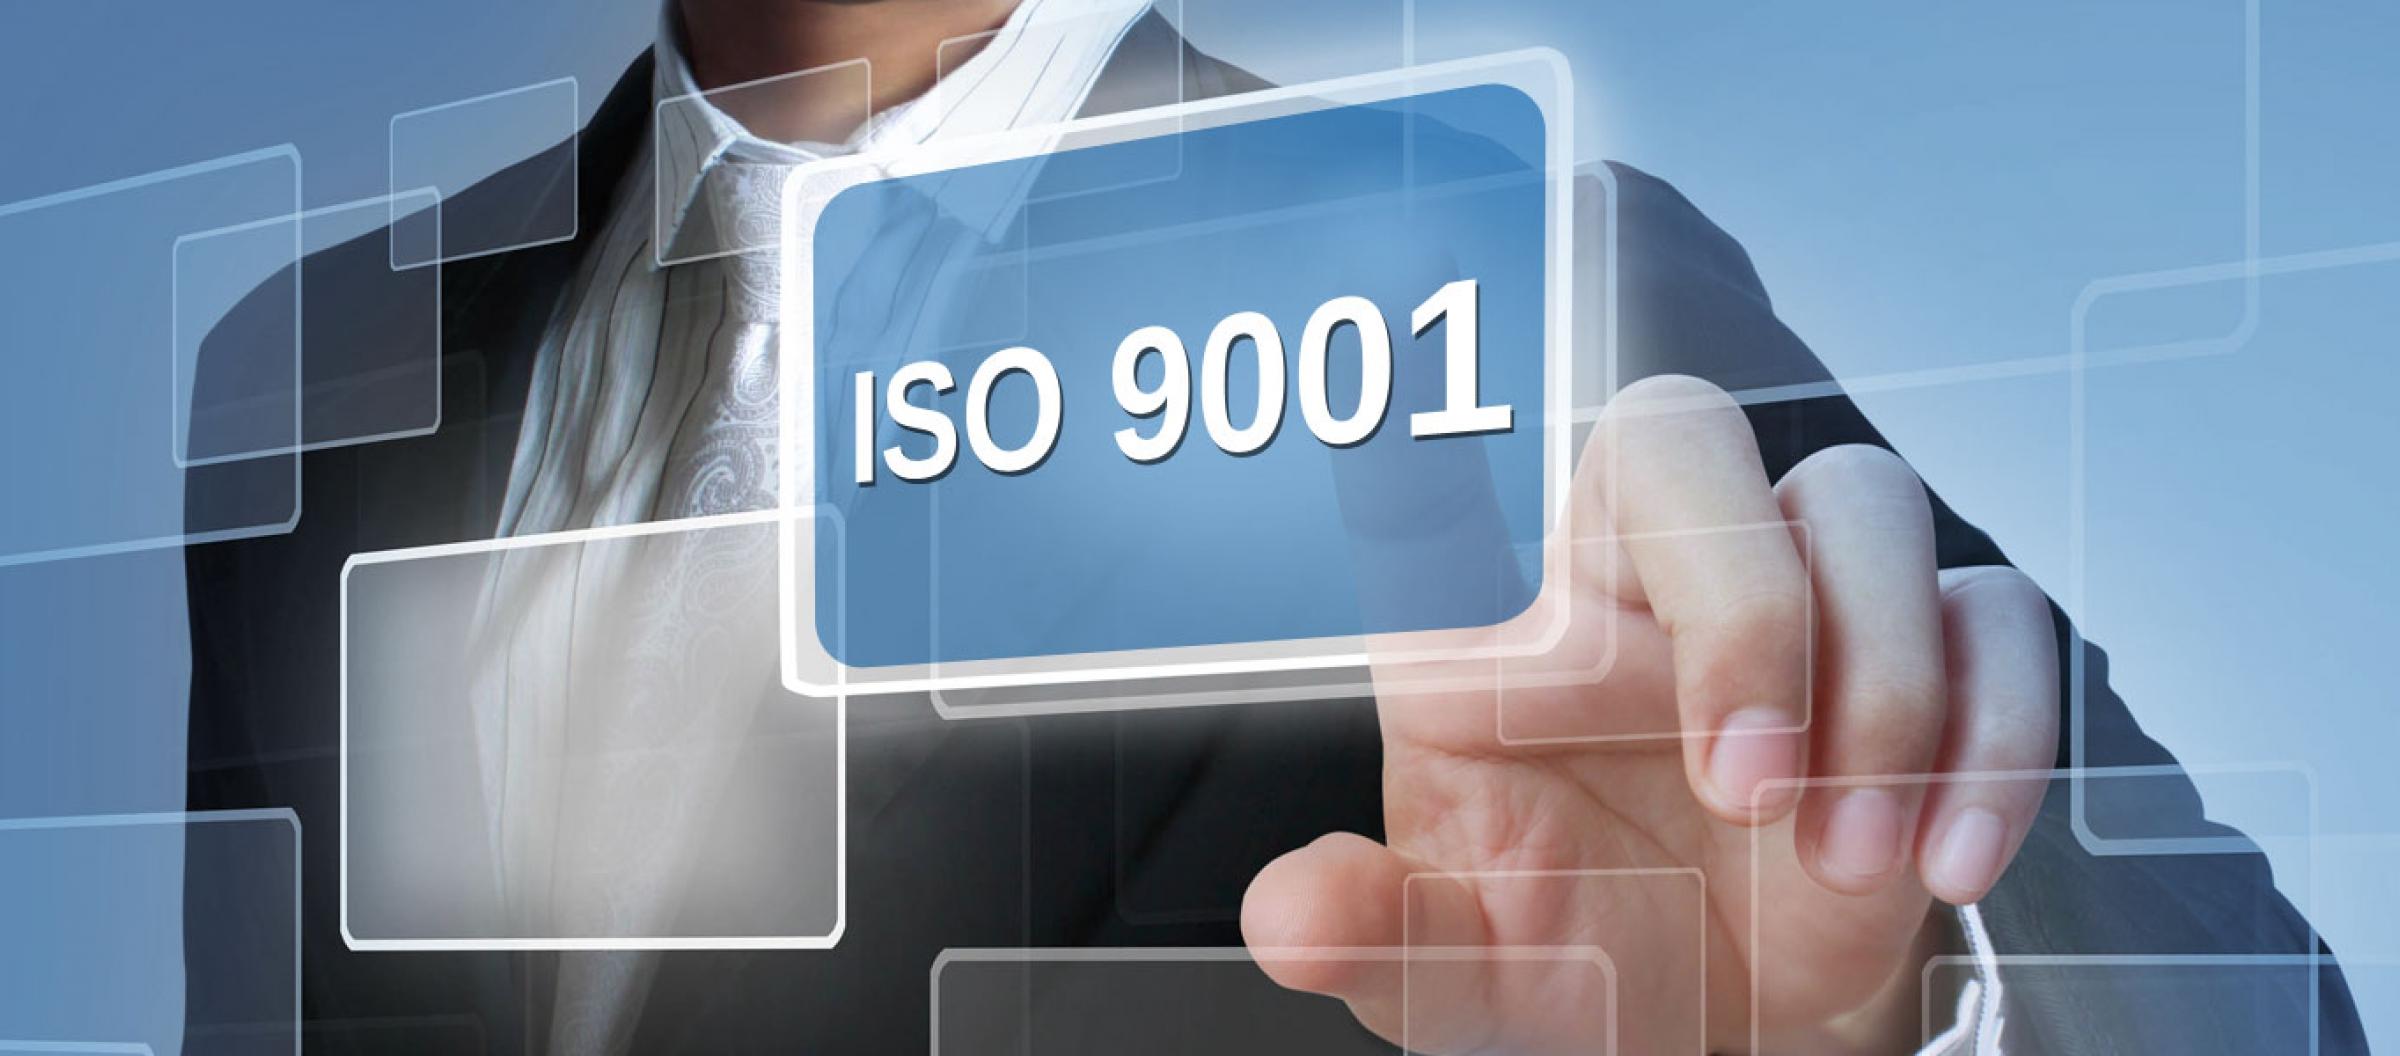 Epta Inks Standard UNI EN ISO 9001:2015